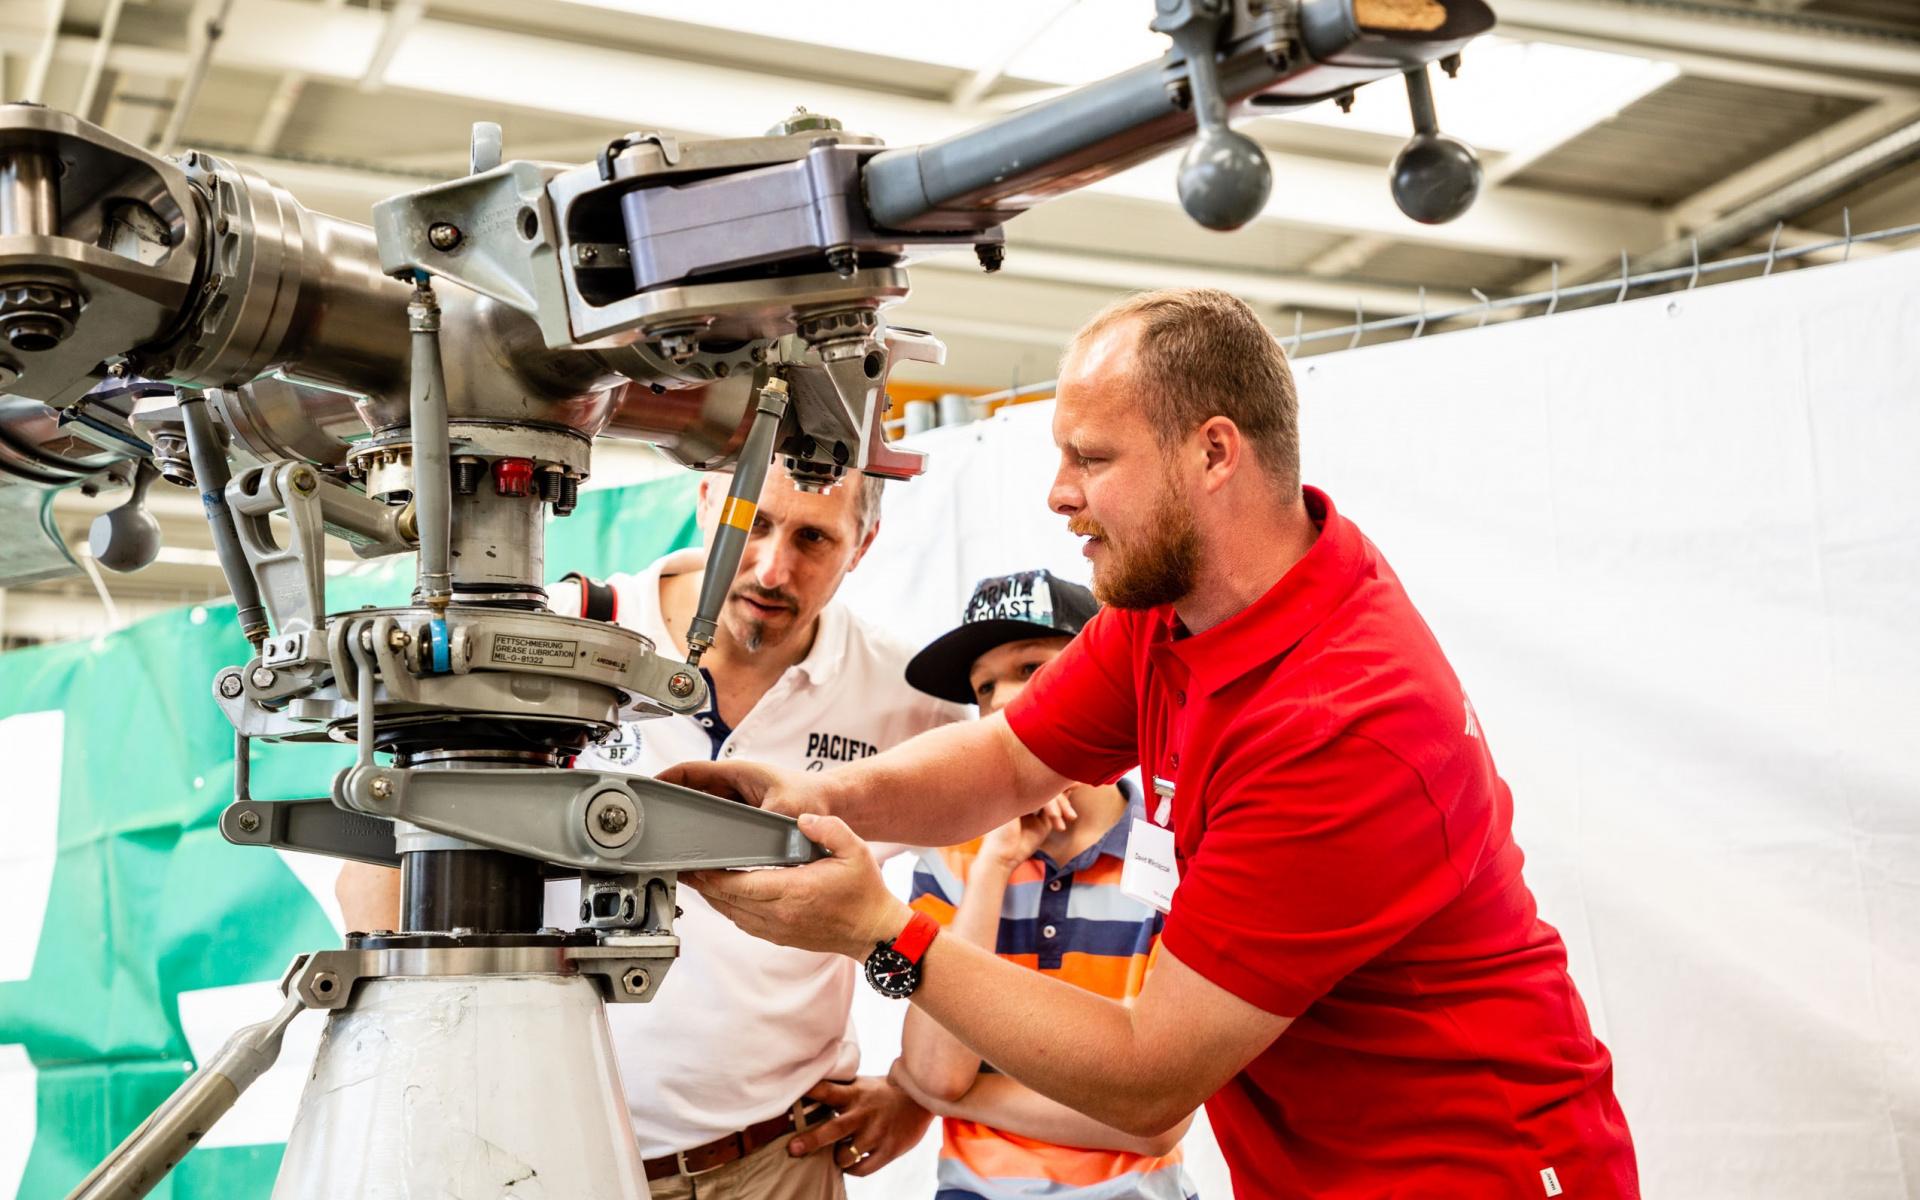 Auch die Techniker ließen sich über die Schulter schauen bei ihrer Arbeit, hier an einem Rotorkopf.